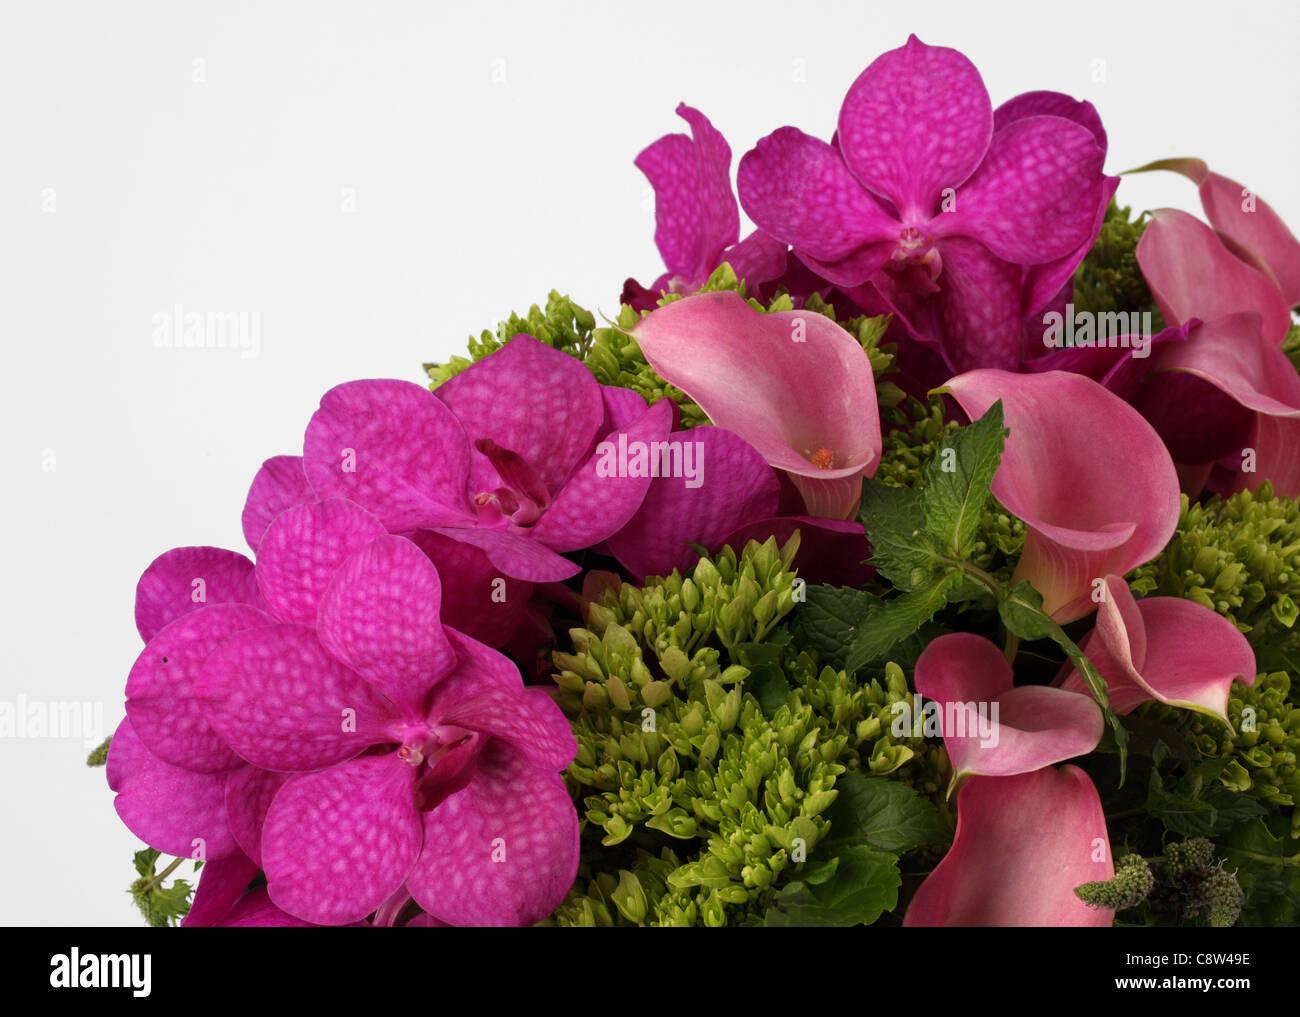 Un Primer Plano De Un Ramo De Flores Coloridas Rosa Morado